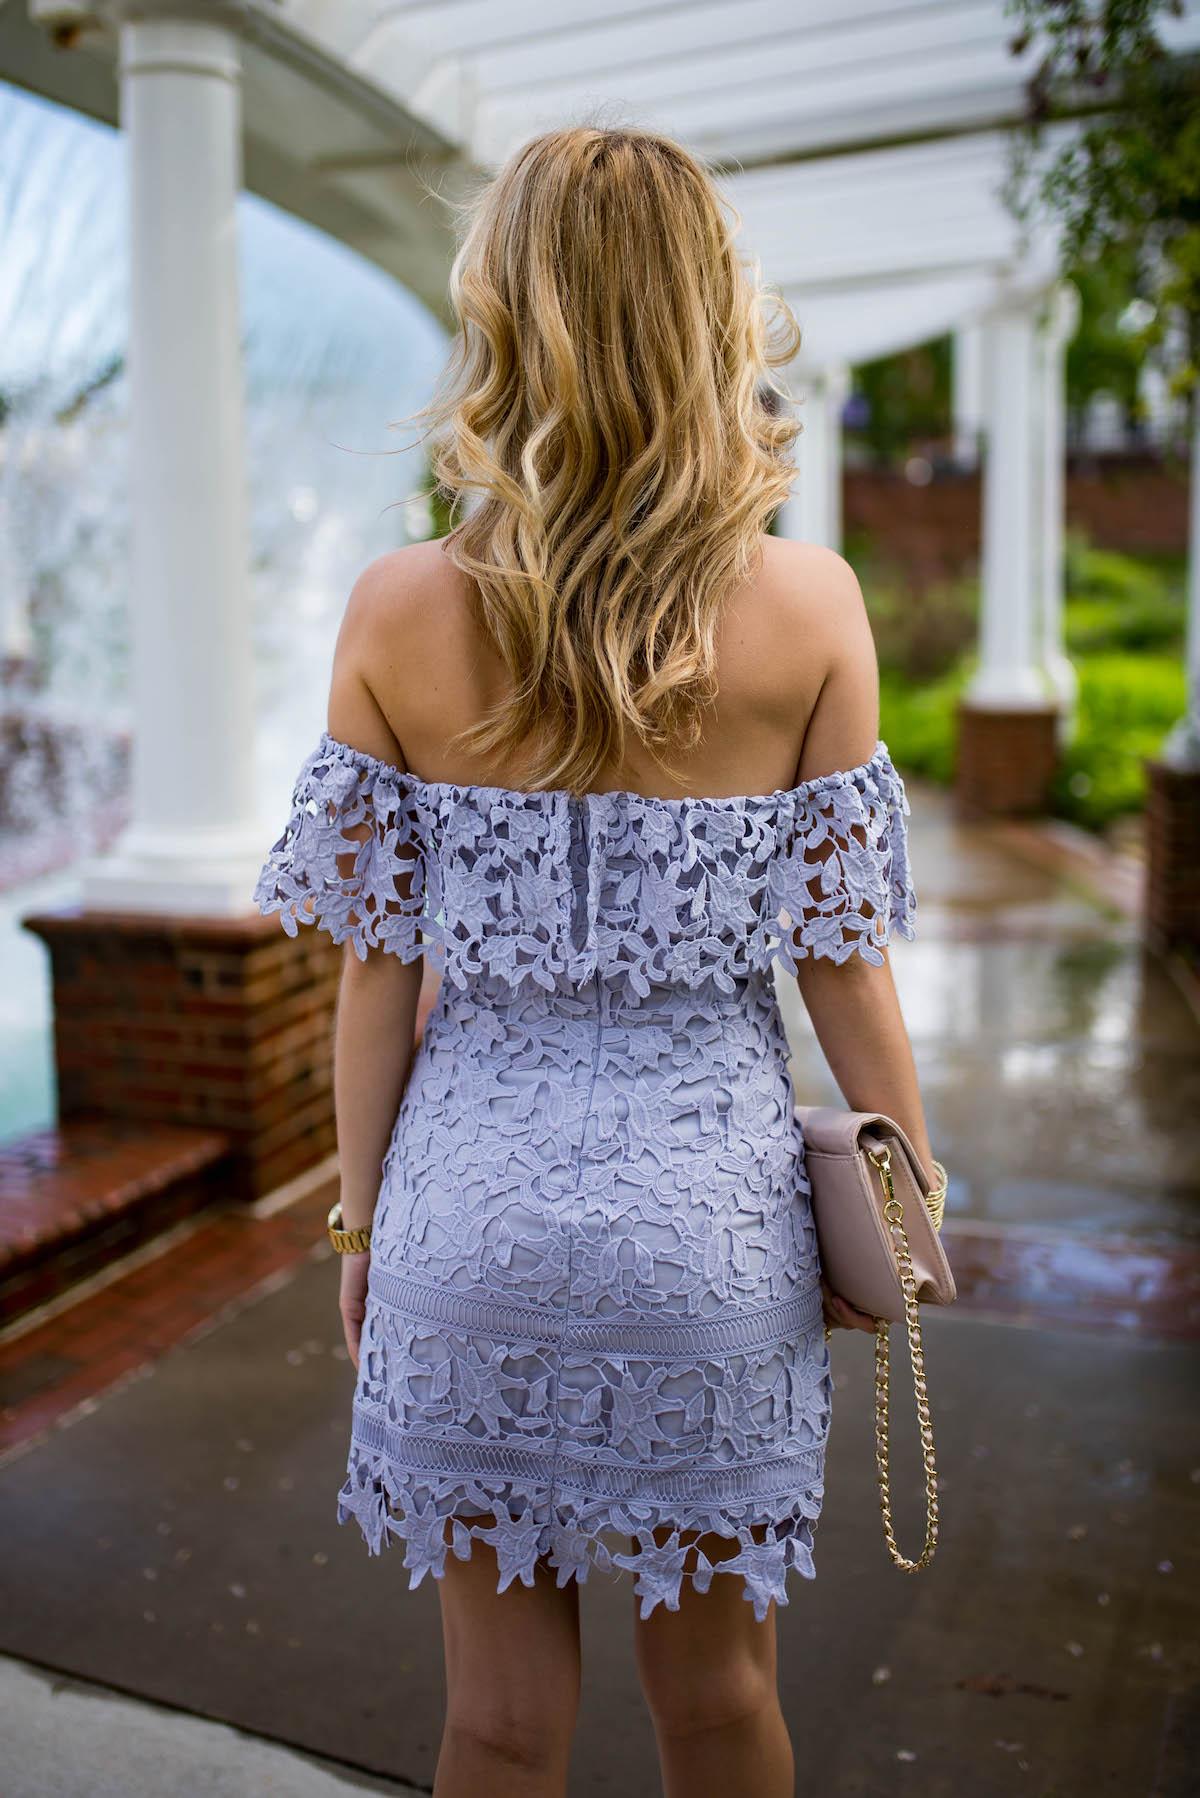 ASTR Lace Off The Shoulder Dress